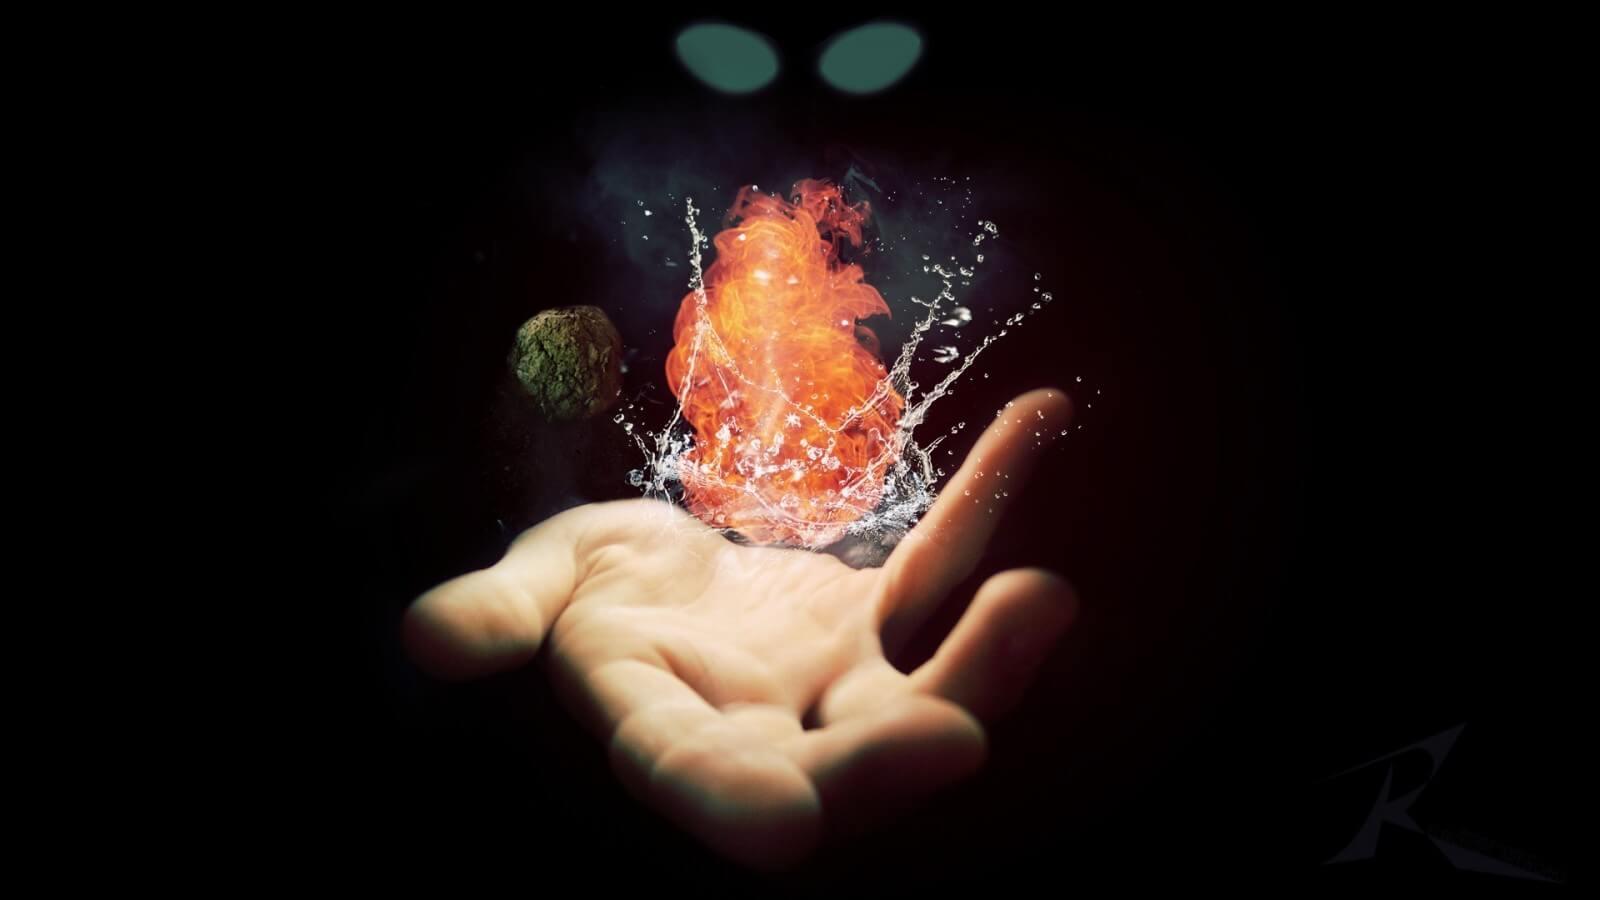 МАГИЯ: миф или реальность